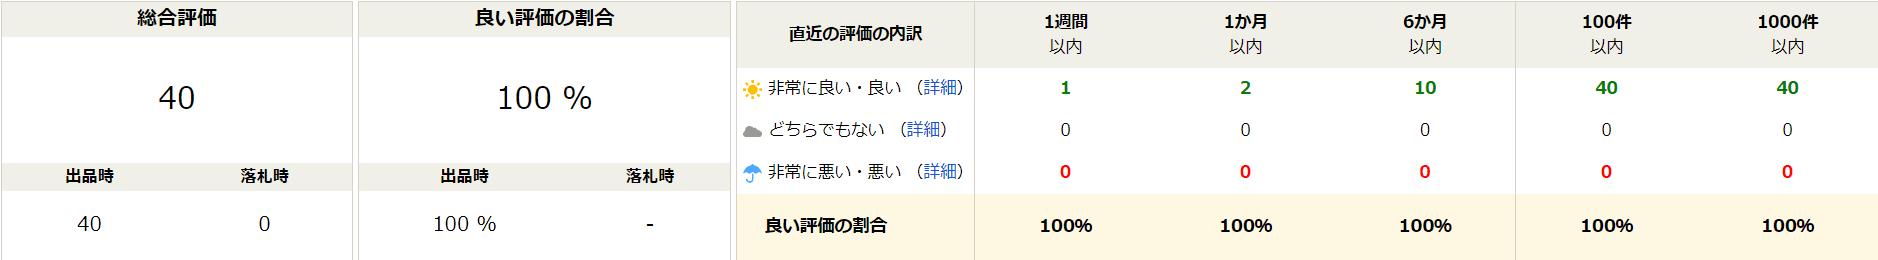 KyoteiVBA ヤフーオークション 口コミ 評価